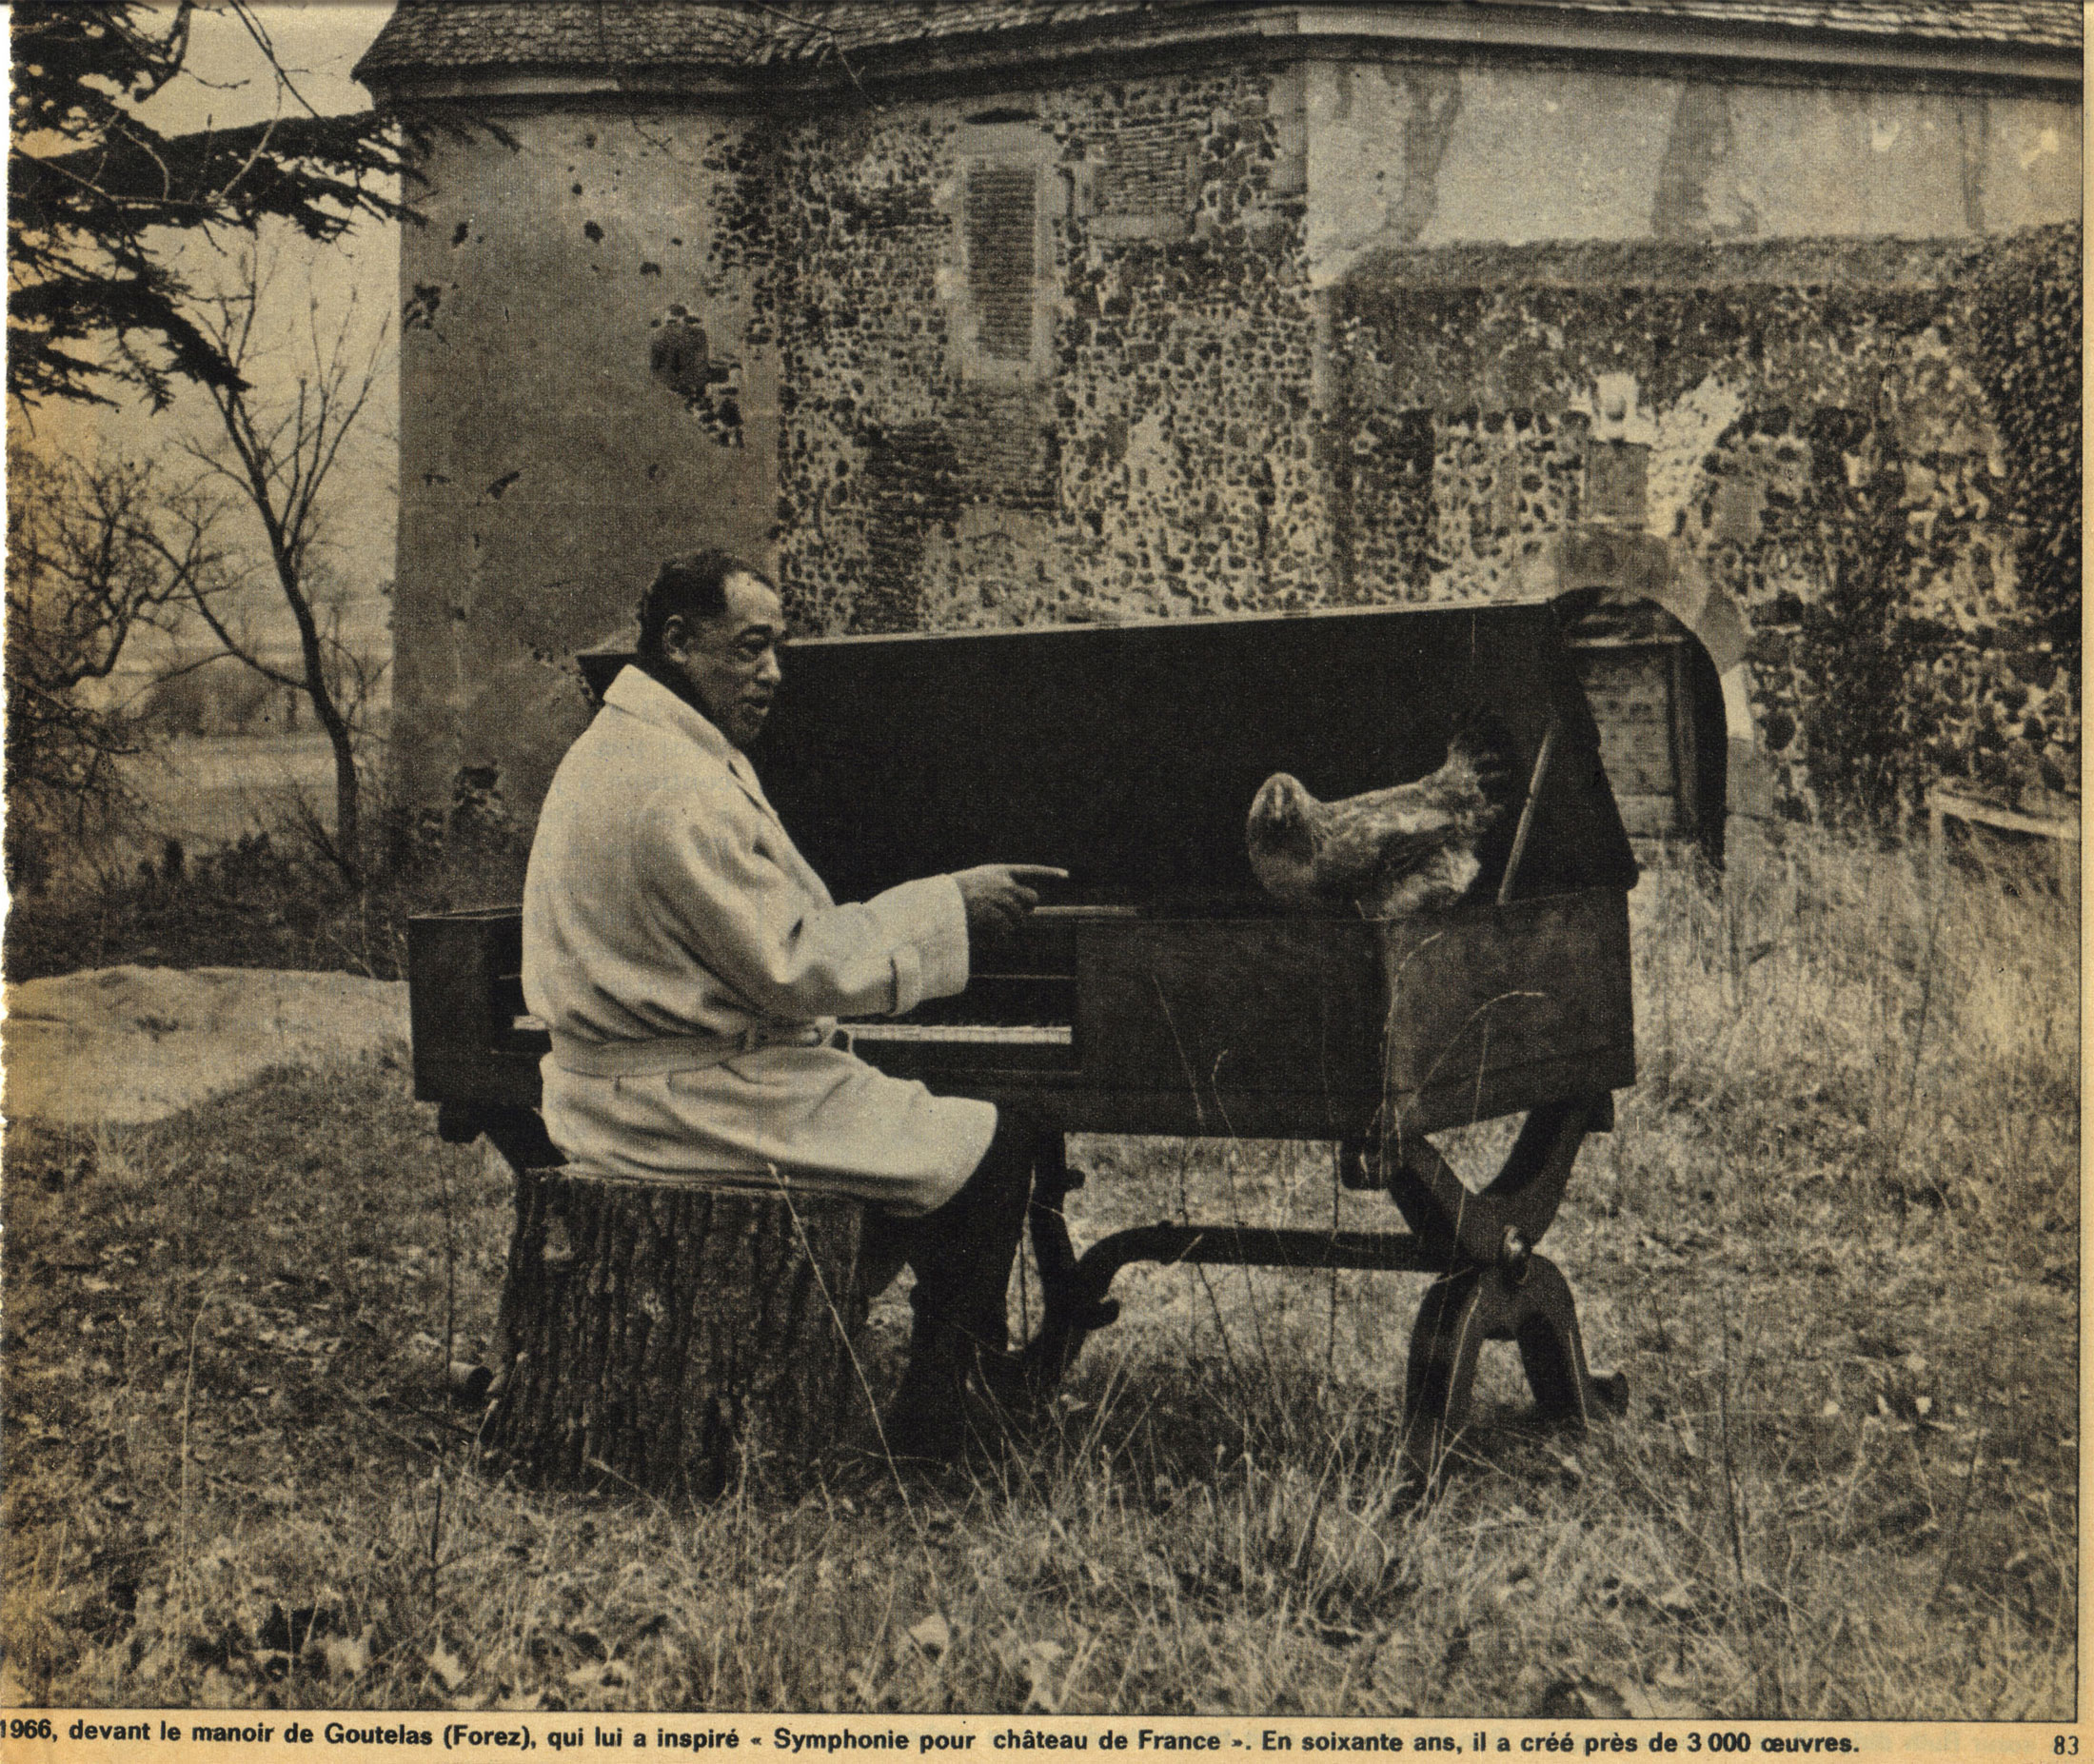 Goutelas1966 - coll. Claude Carrière